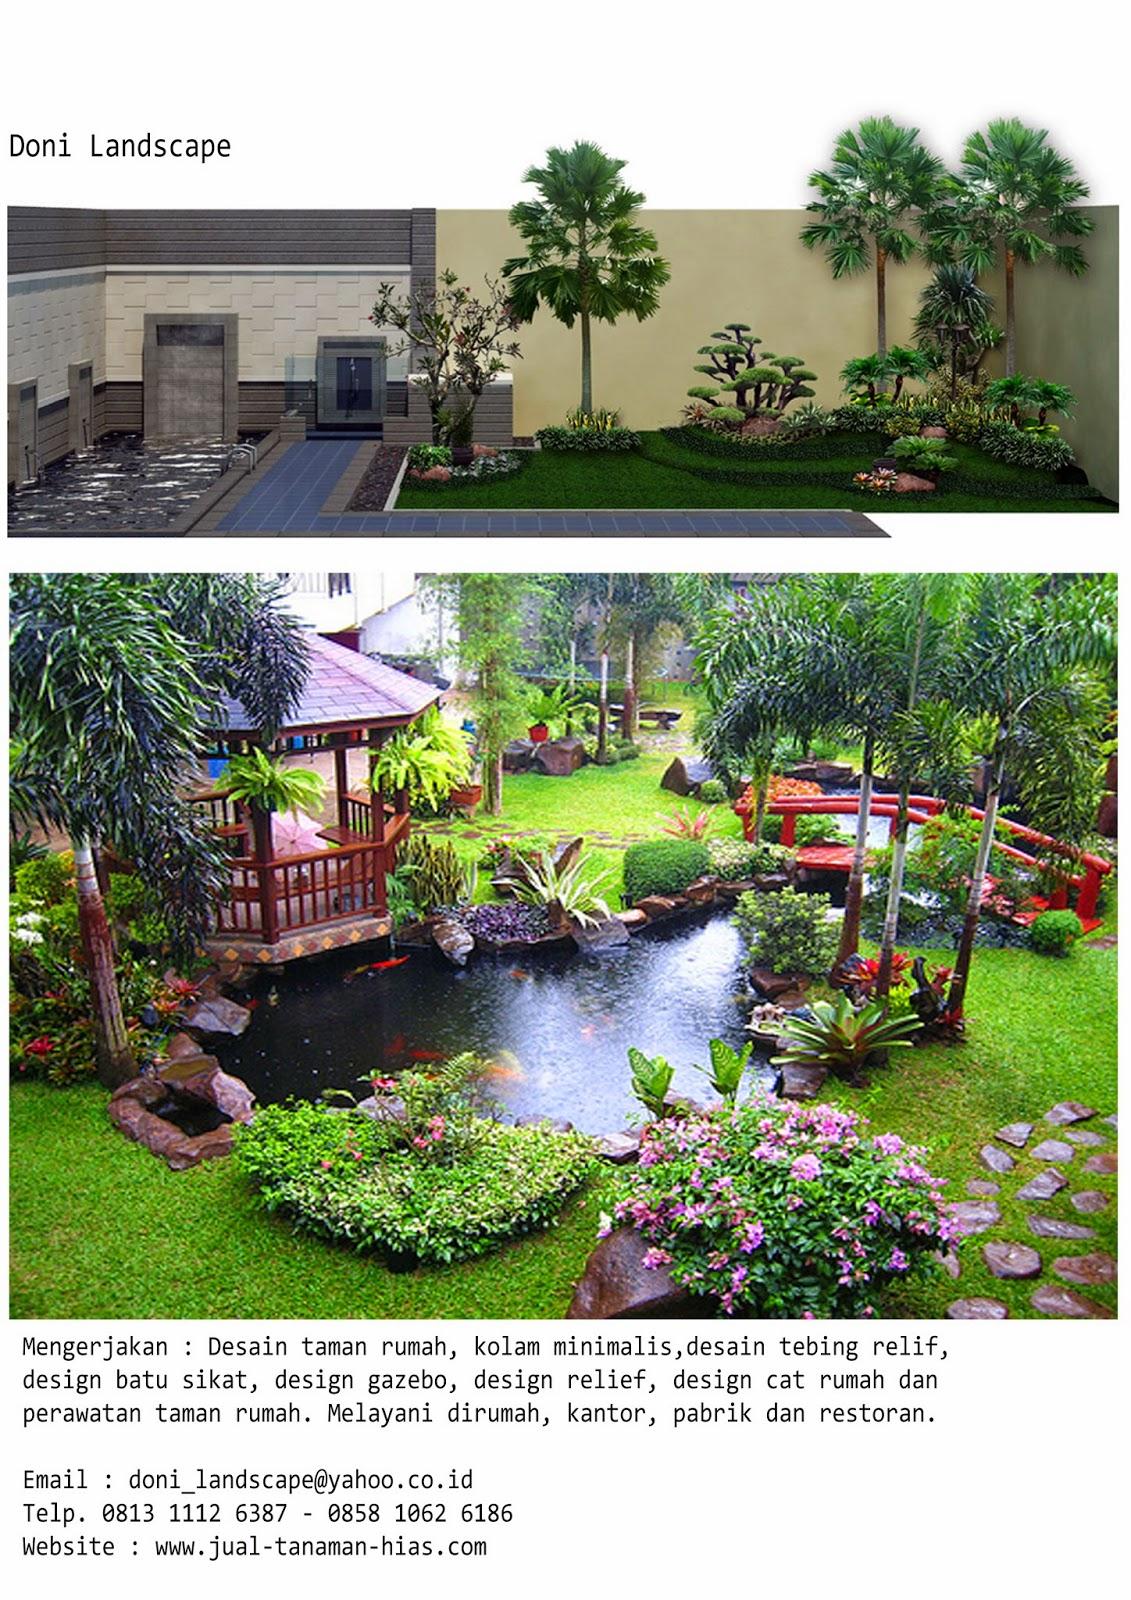 Cara Menata Taman Rumah dengan baik dan teratur | Jasa tukang taman | Jasa Tukang Kolam